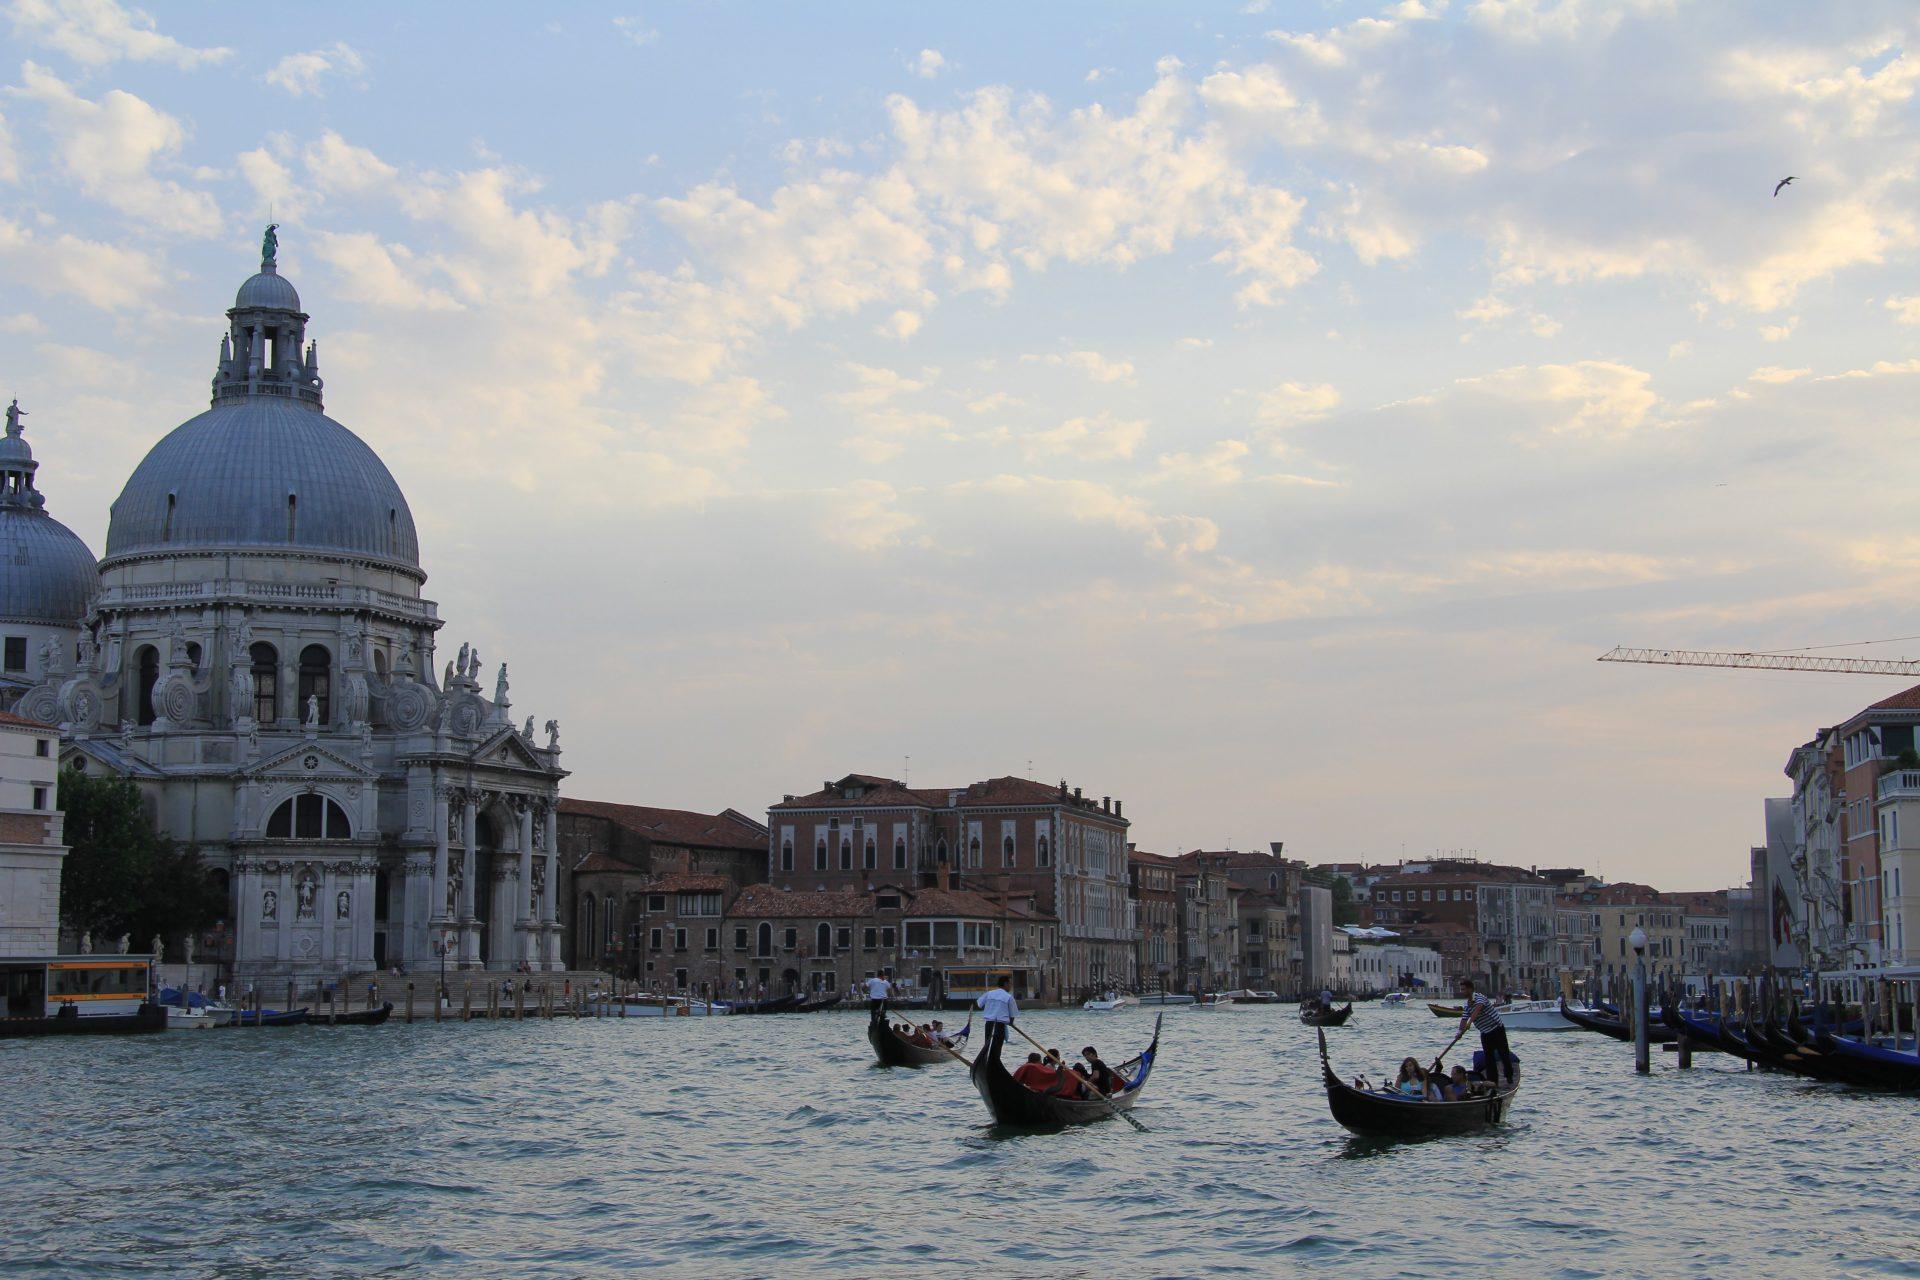 Гранд канал и Санта — Мария — Делла — Салюте, Венеция, Италия. Июль, 2012